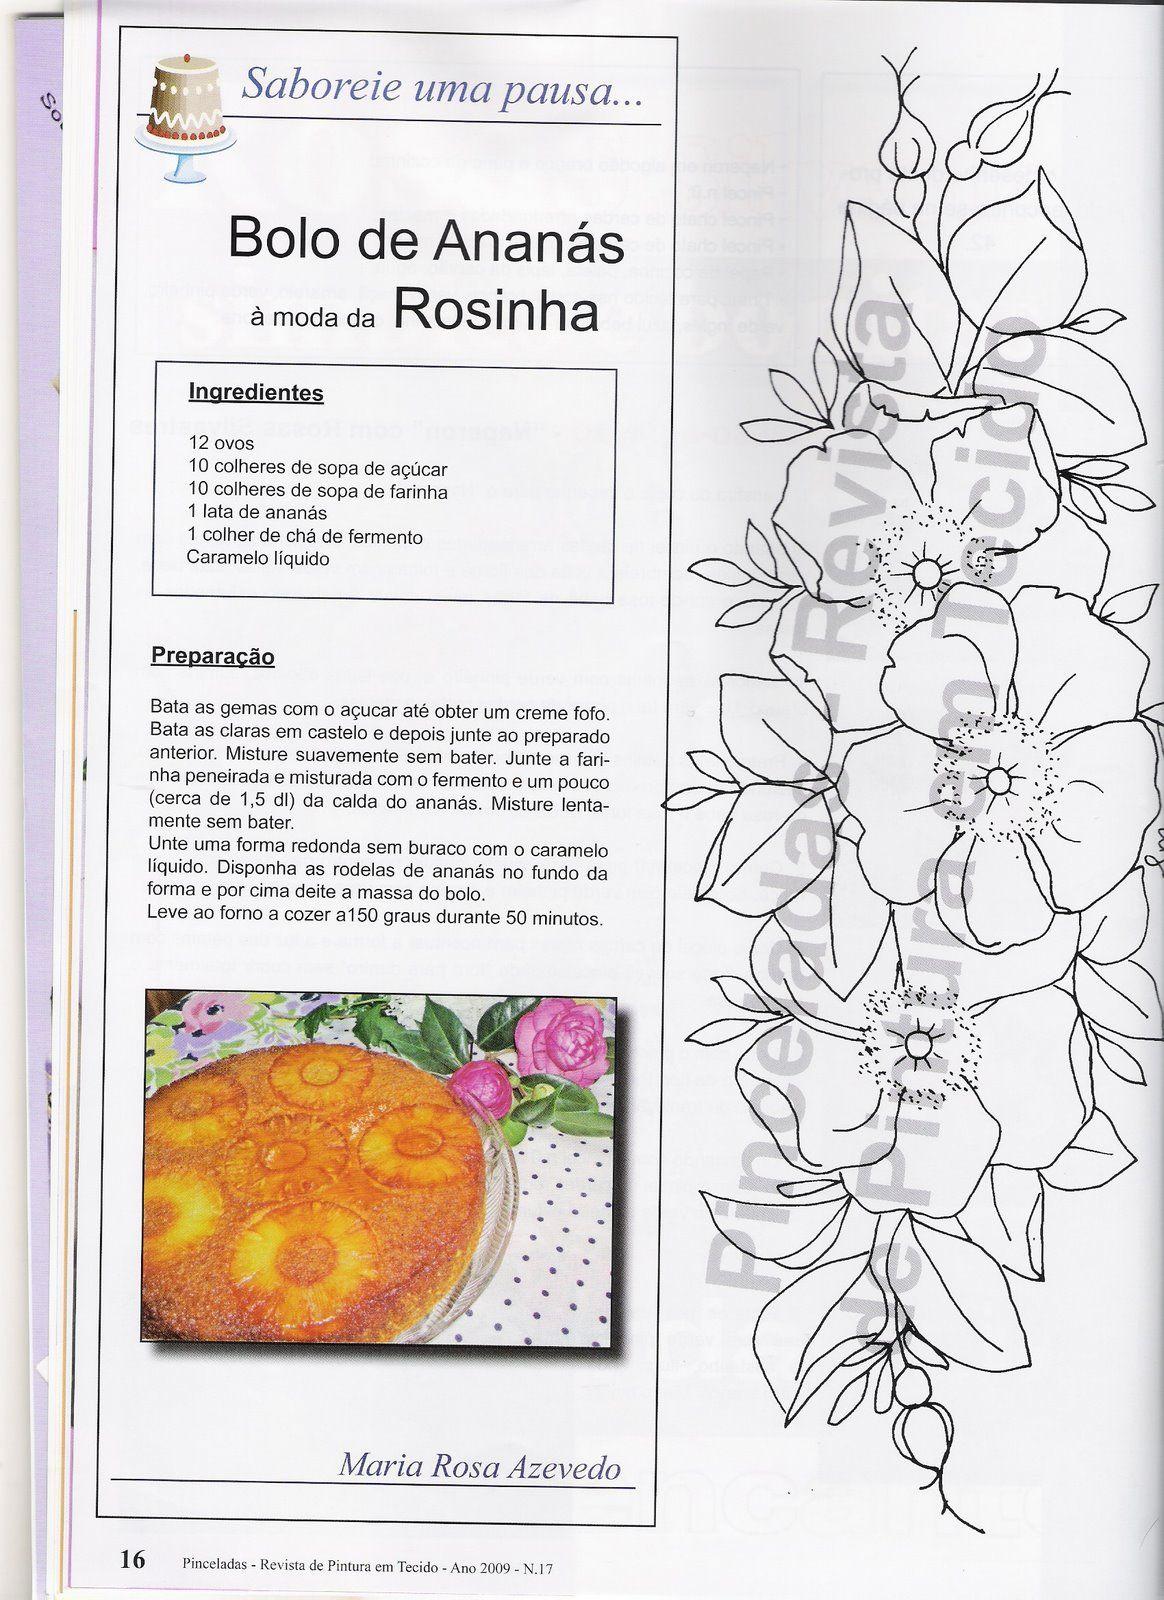 Archivo de álbumes | patrones tarj. española | Pinterest | Álbum ...